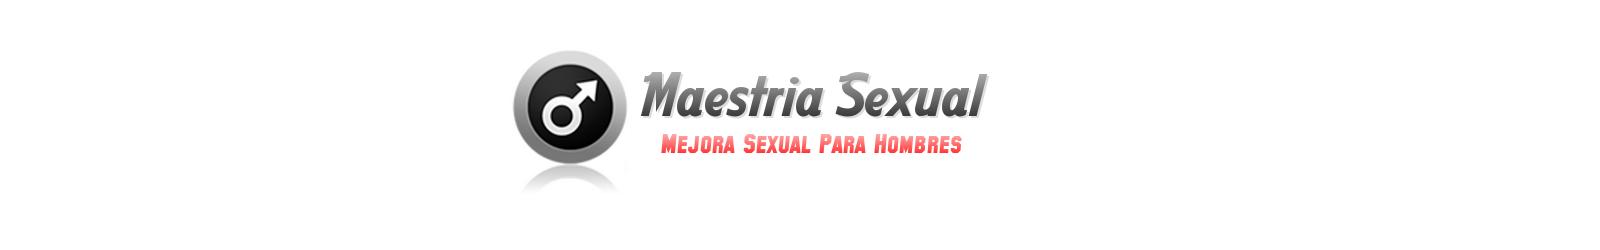 Maestria Sexual